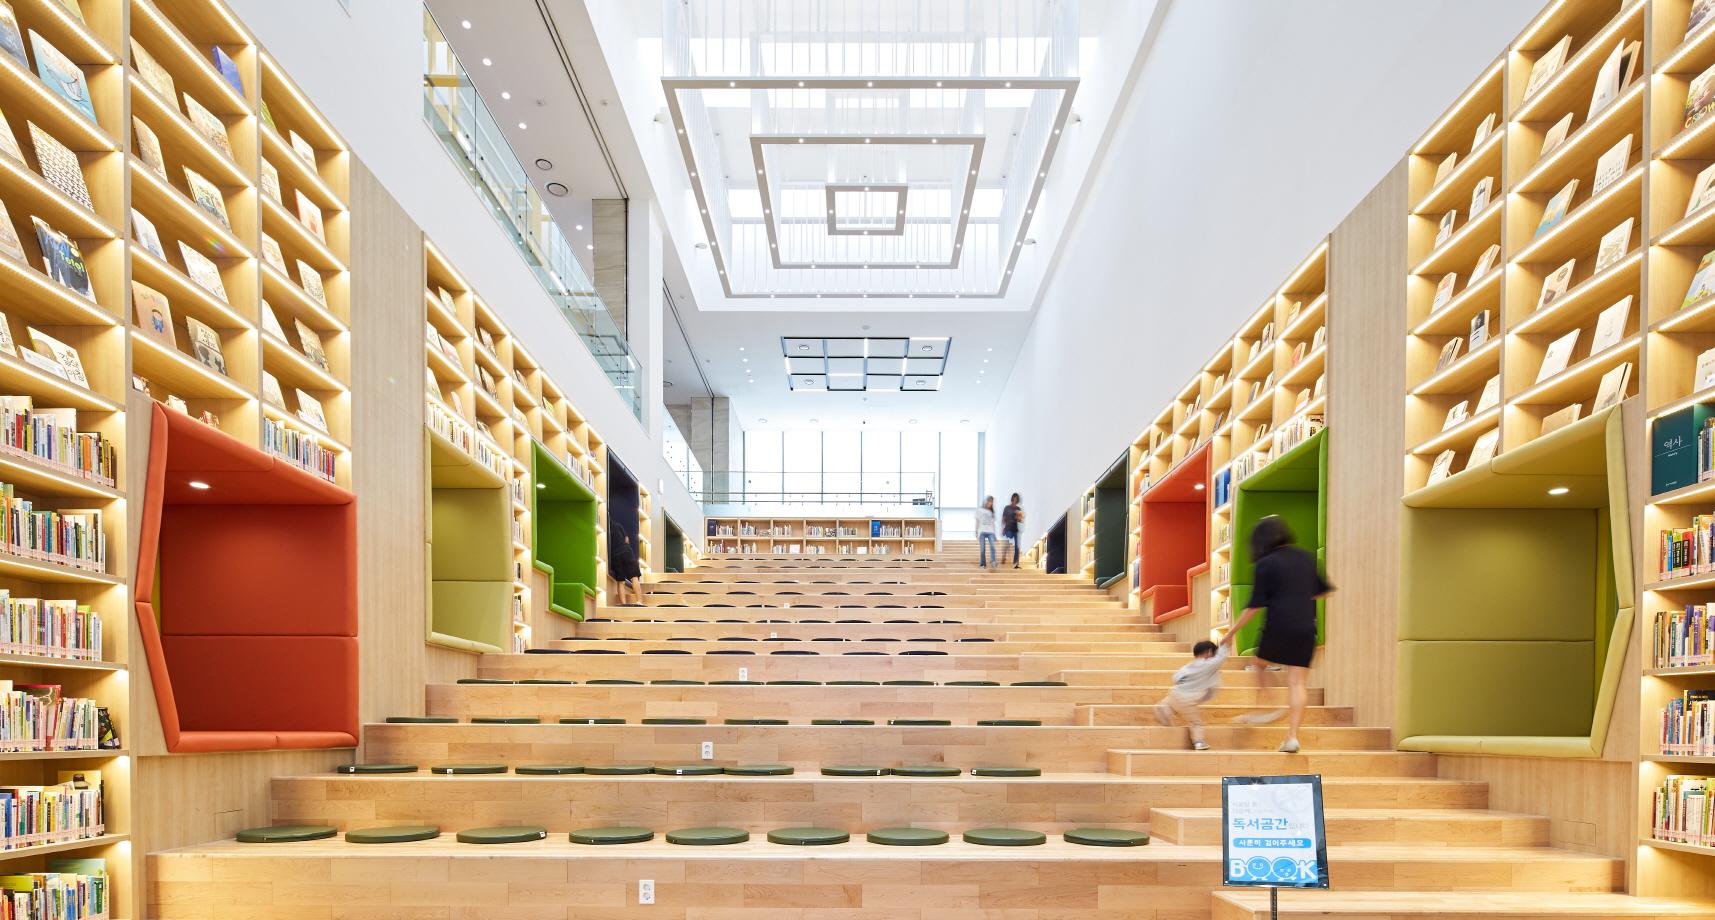 〔안정원의 건축 칼럼〕 책장의 레이어로 녹여낸 지역문화매개공간 송파 책박물관 2